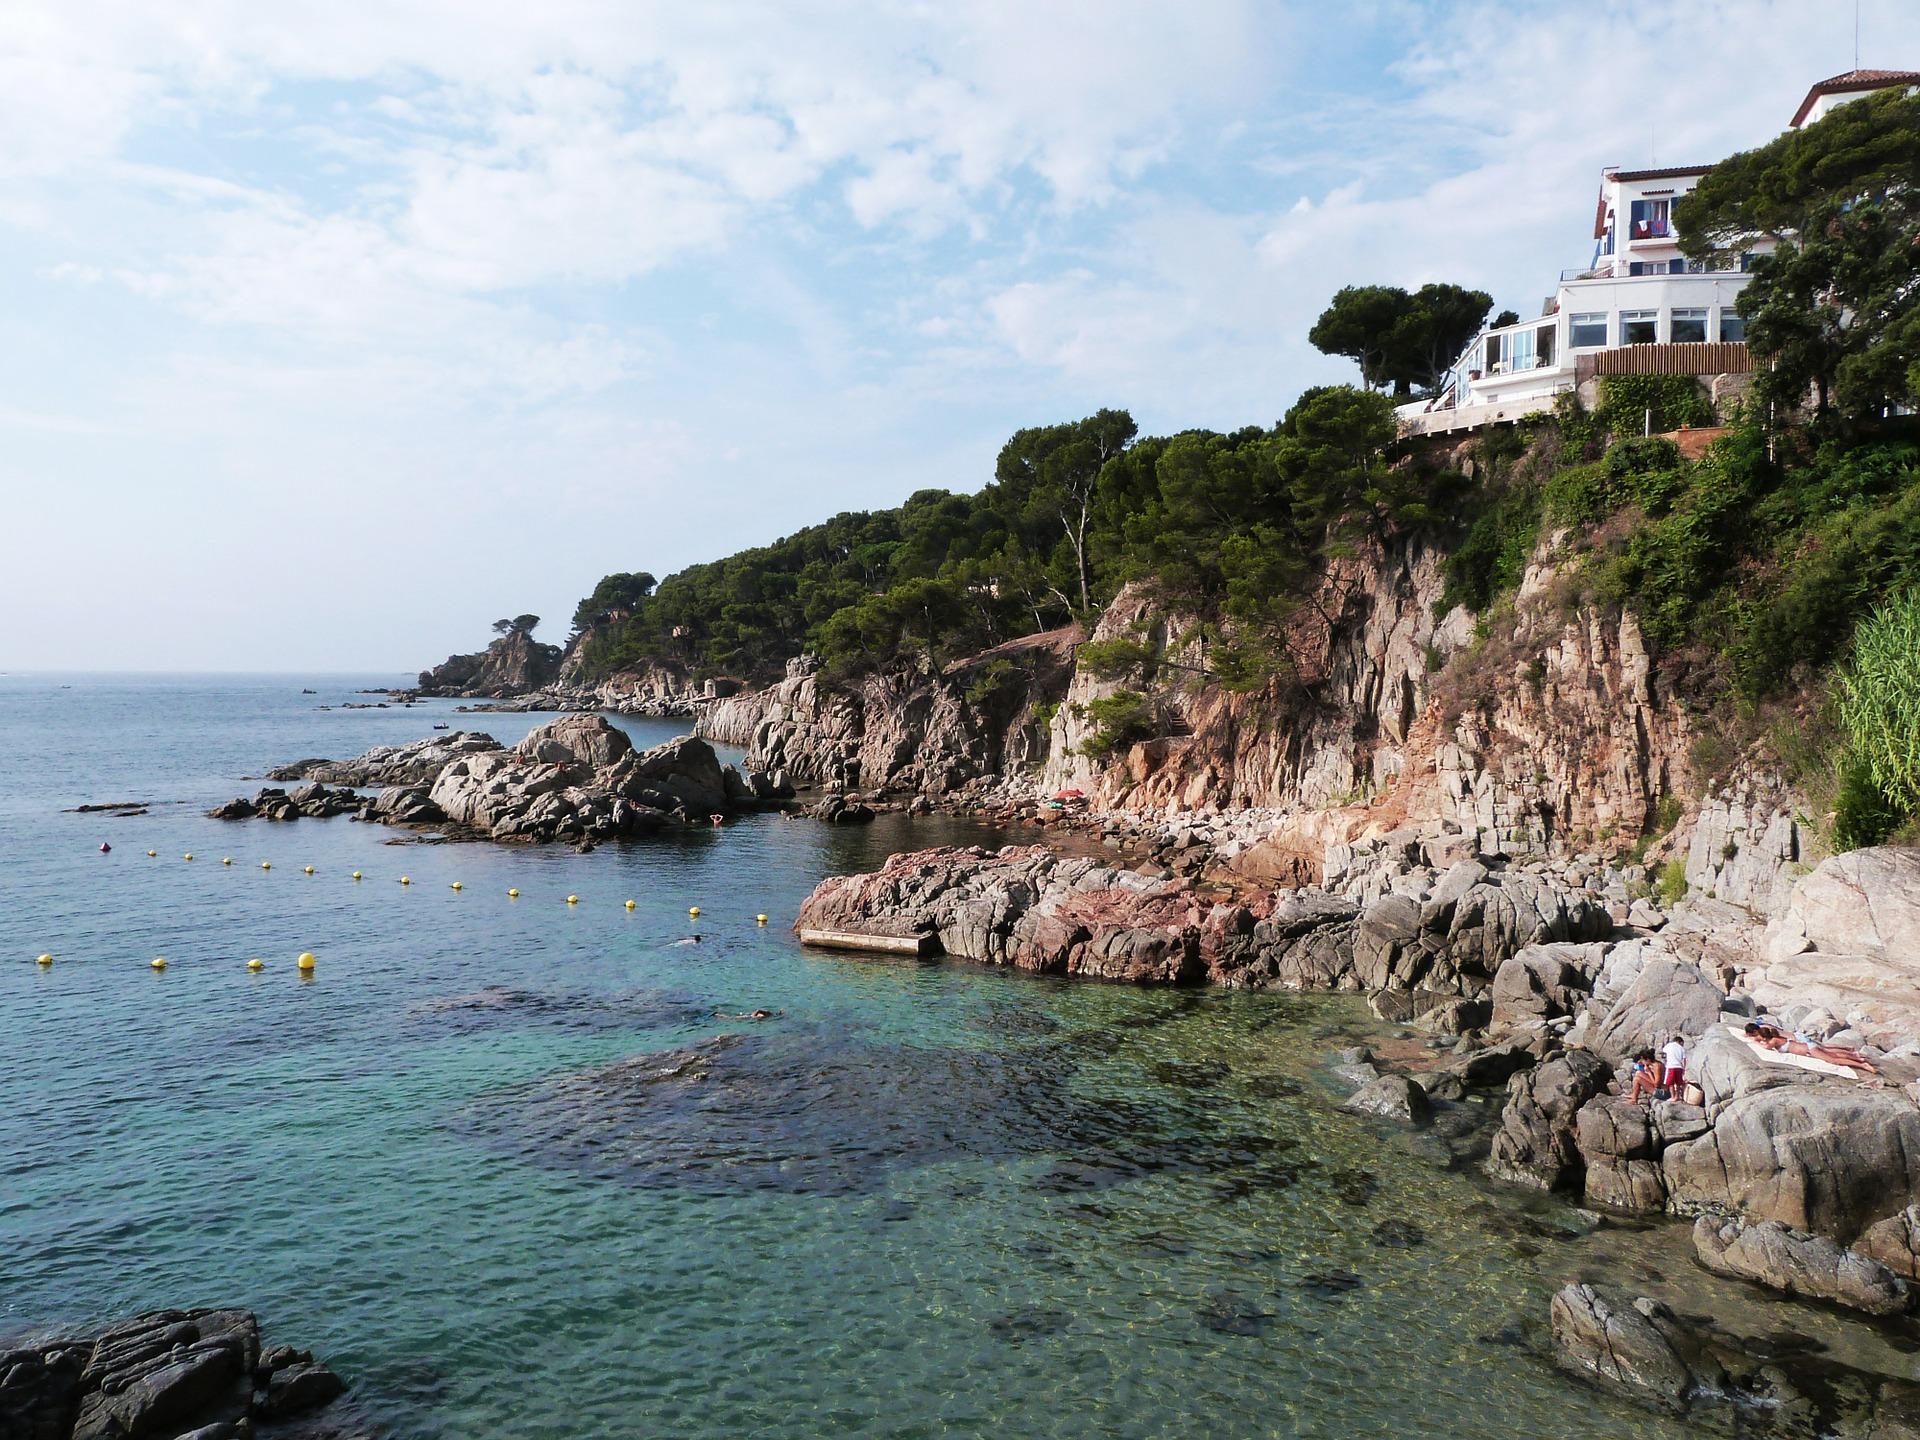 La Costa Brava és un dels entorns més apreciats del litoral dels Països Catalans, però cal prendre consciència que tots els quilòmetres de costa són vitals.